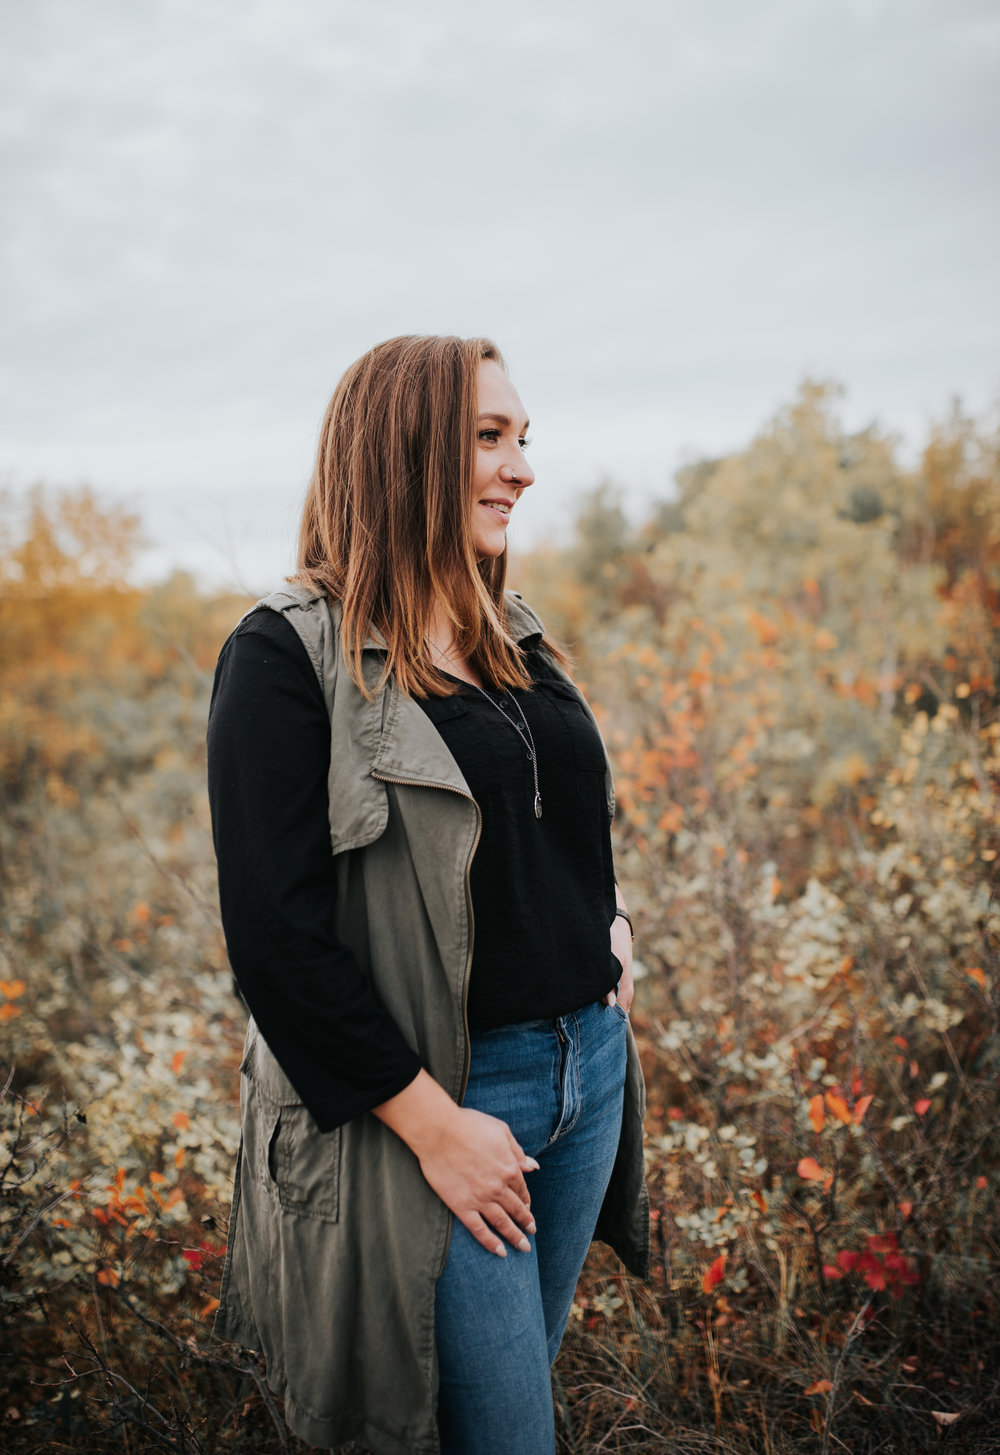 Alauna Whelan autumn tones